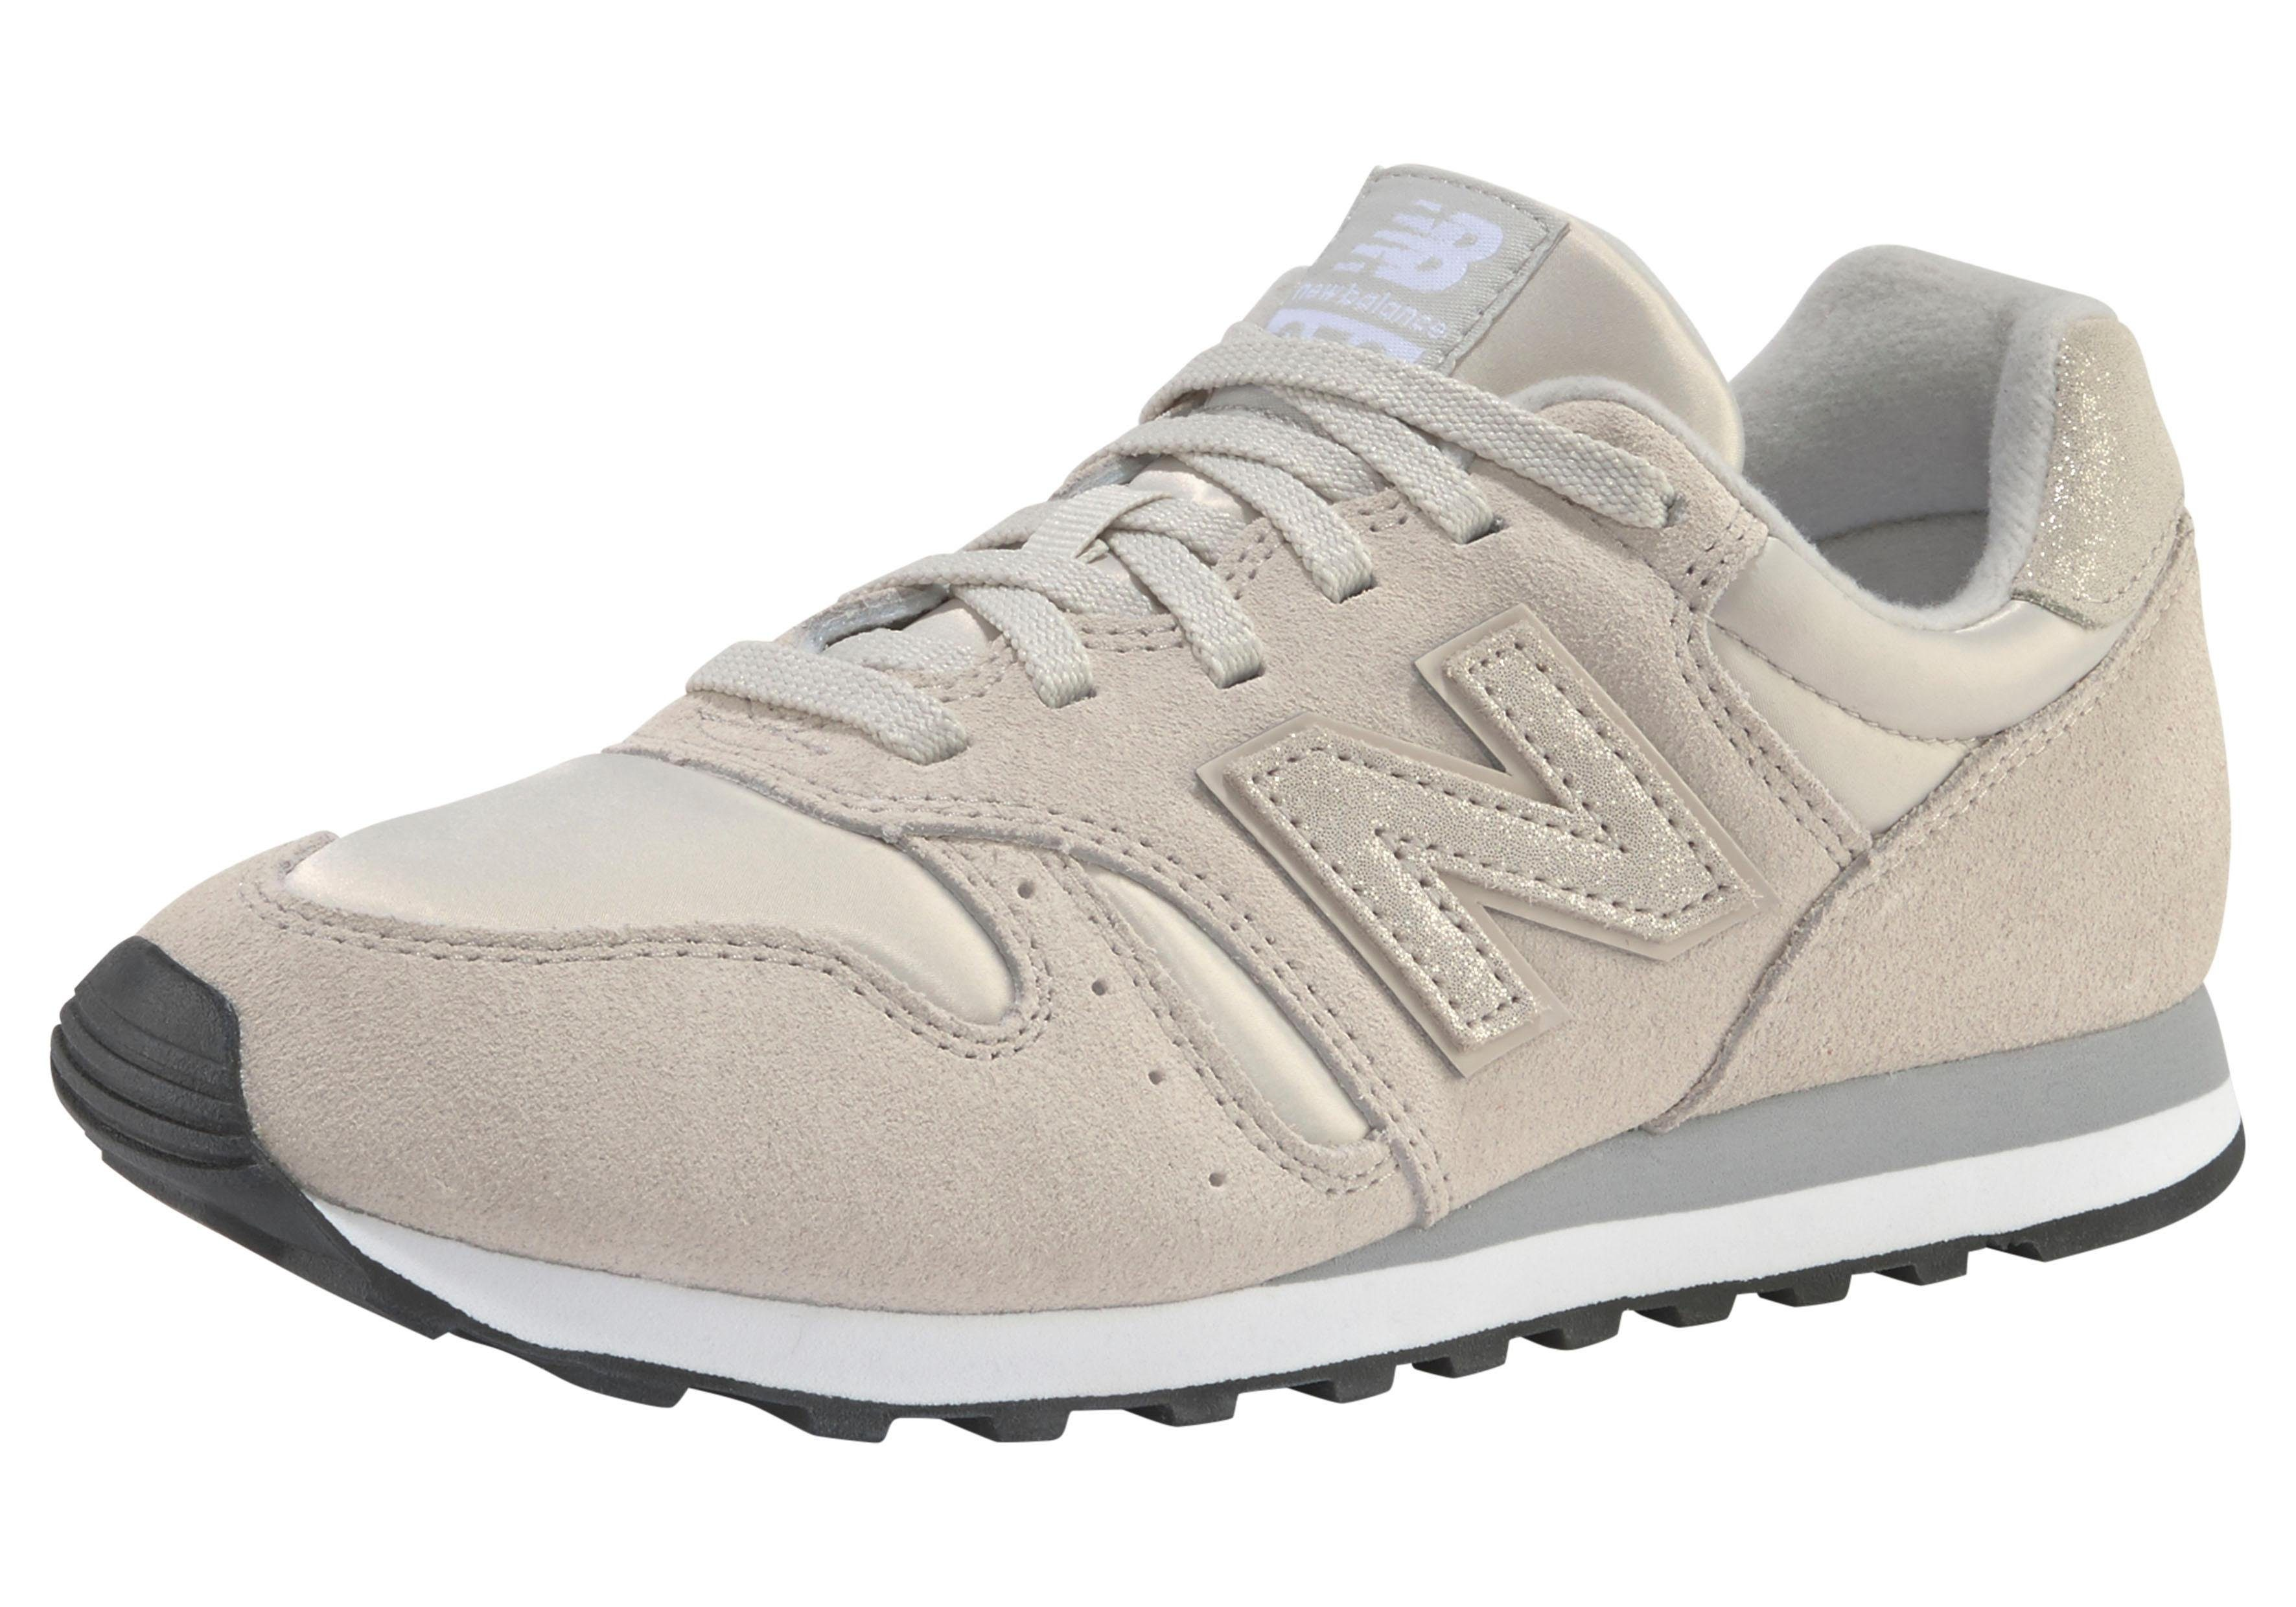 New Balance »WL 373« Sneaker, EVA Zwischensohle für optimale Dämpfung online kaufen   OTTO